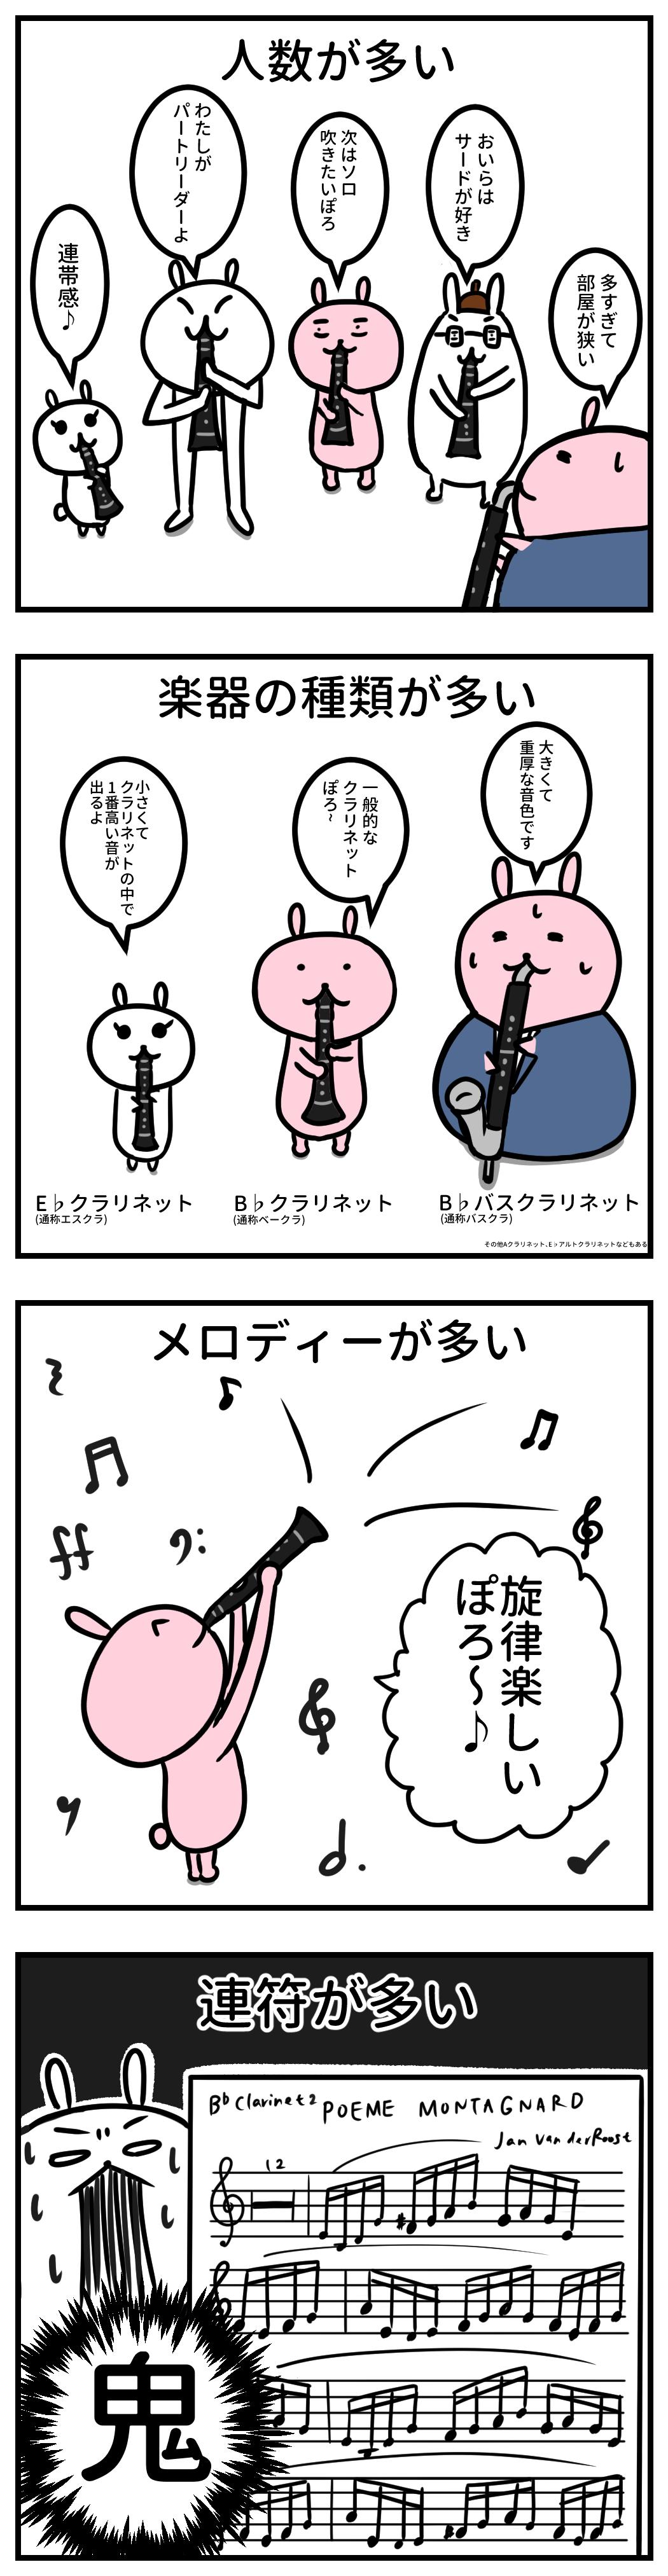 吹奏楽部あるある クラリネット 連符